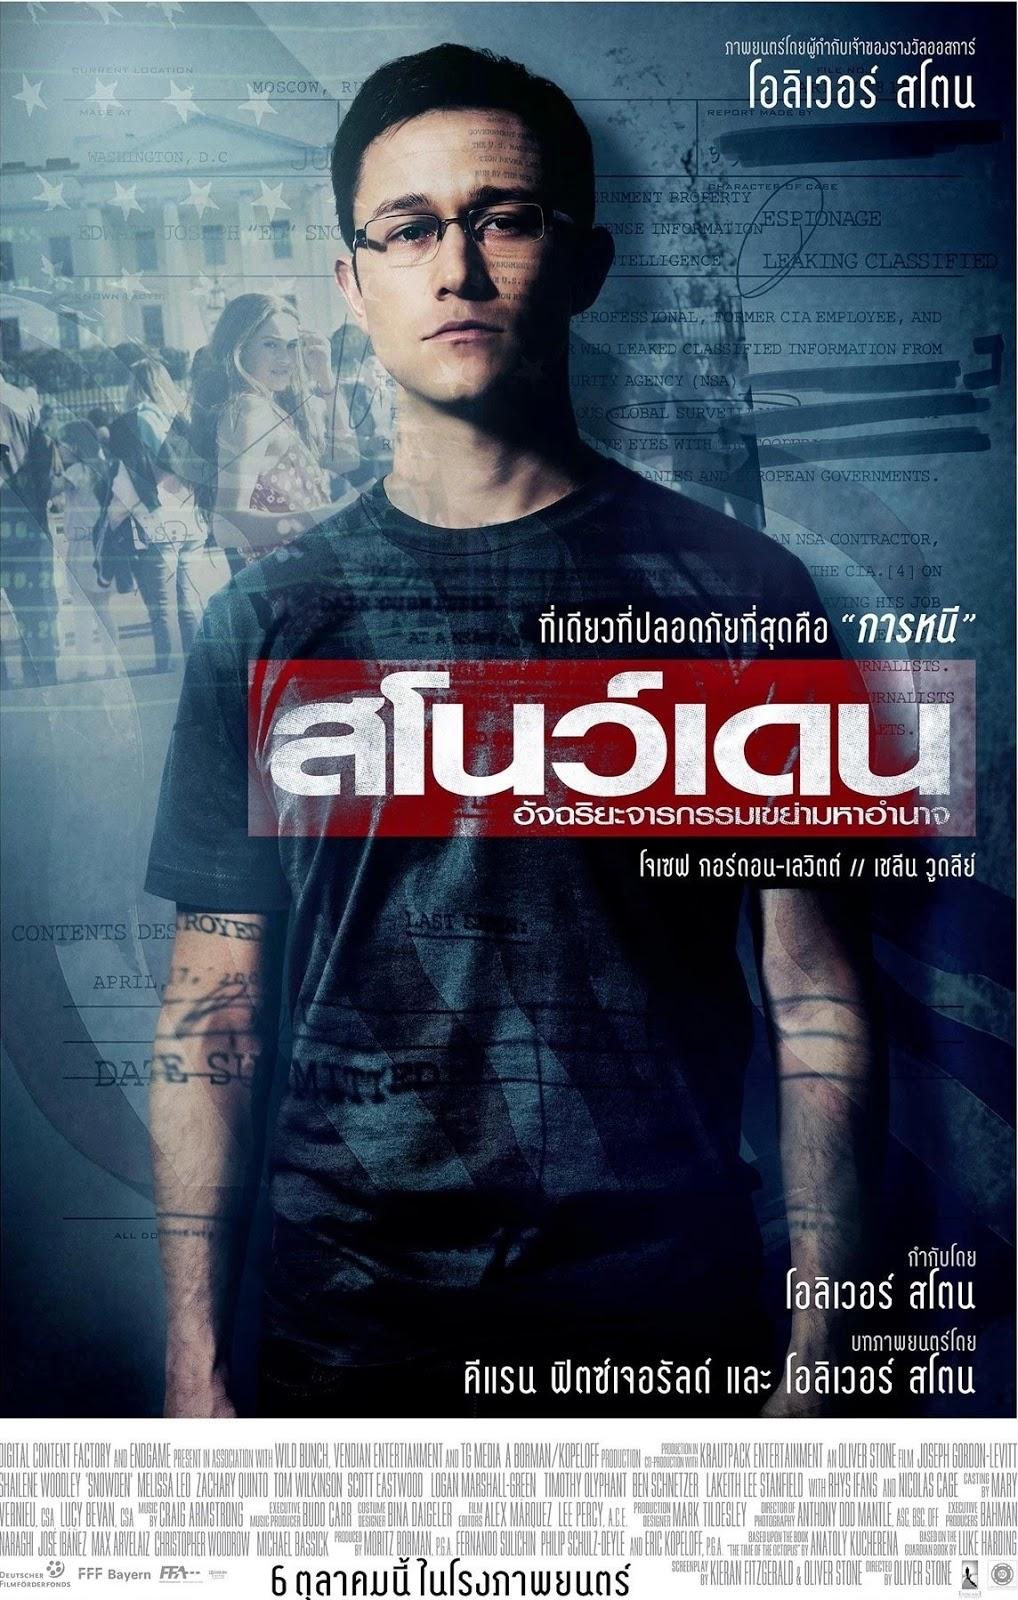 ตัวอย่างหนังใหม่ : Snowden (อัจฉริยะจารกรรมเขย่ามหาอำนาจ) ตัวอย่างที่ 2 ซับไทย  poster thai